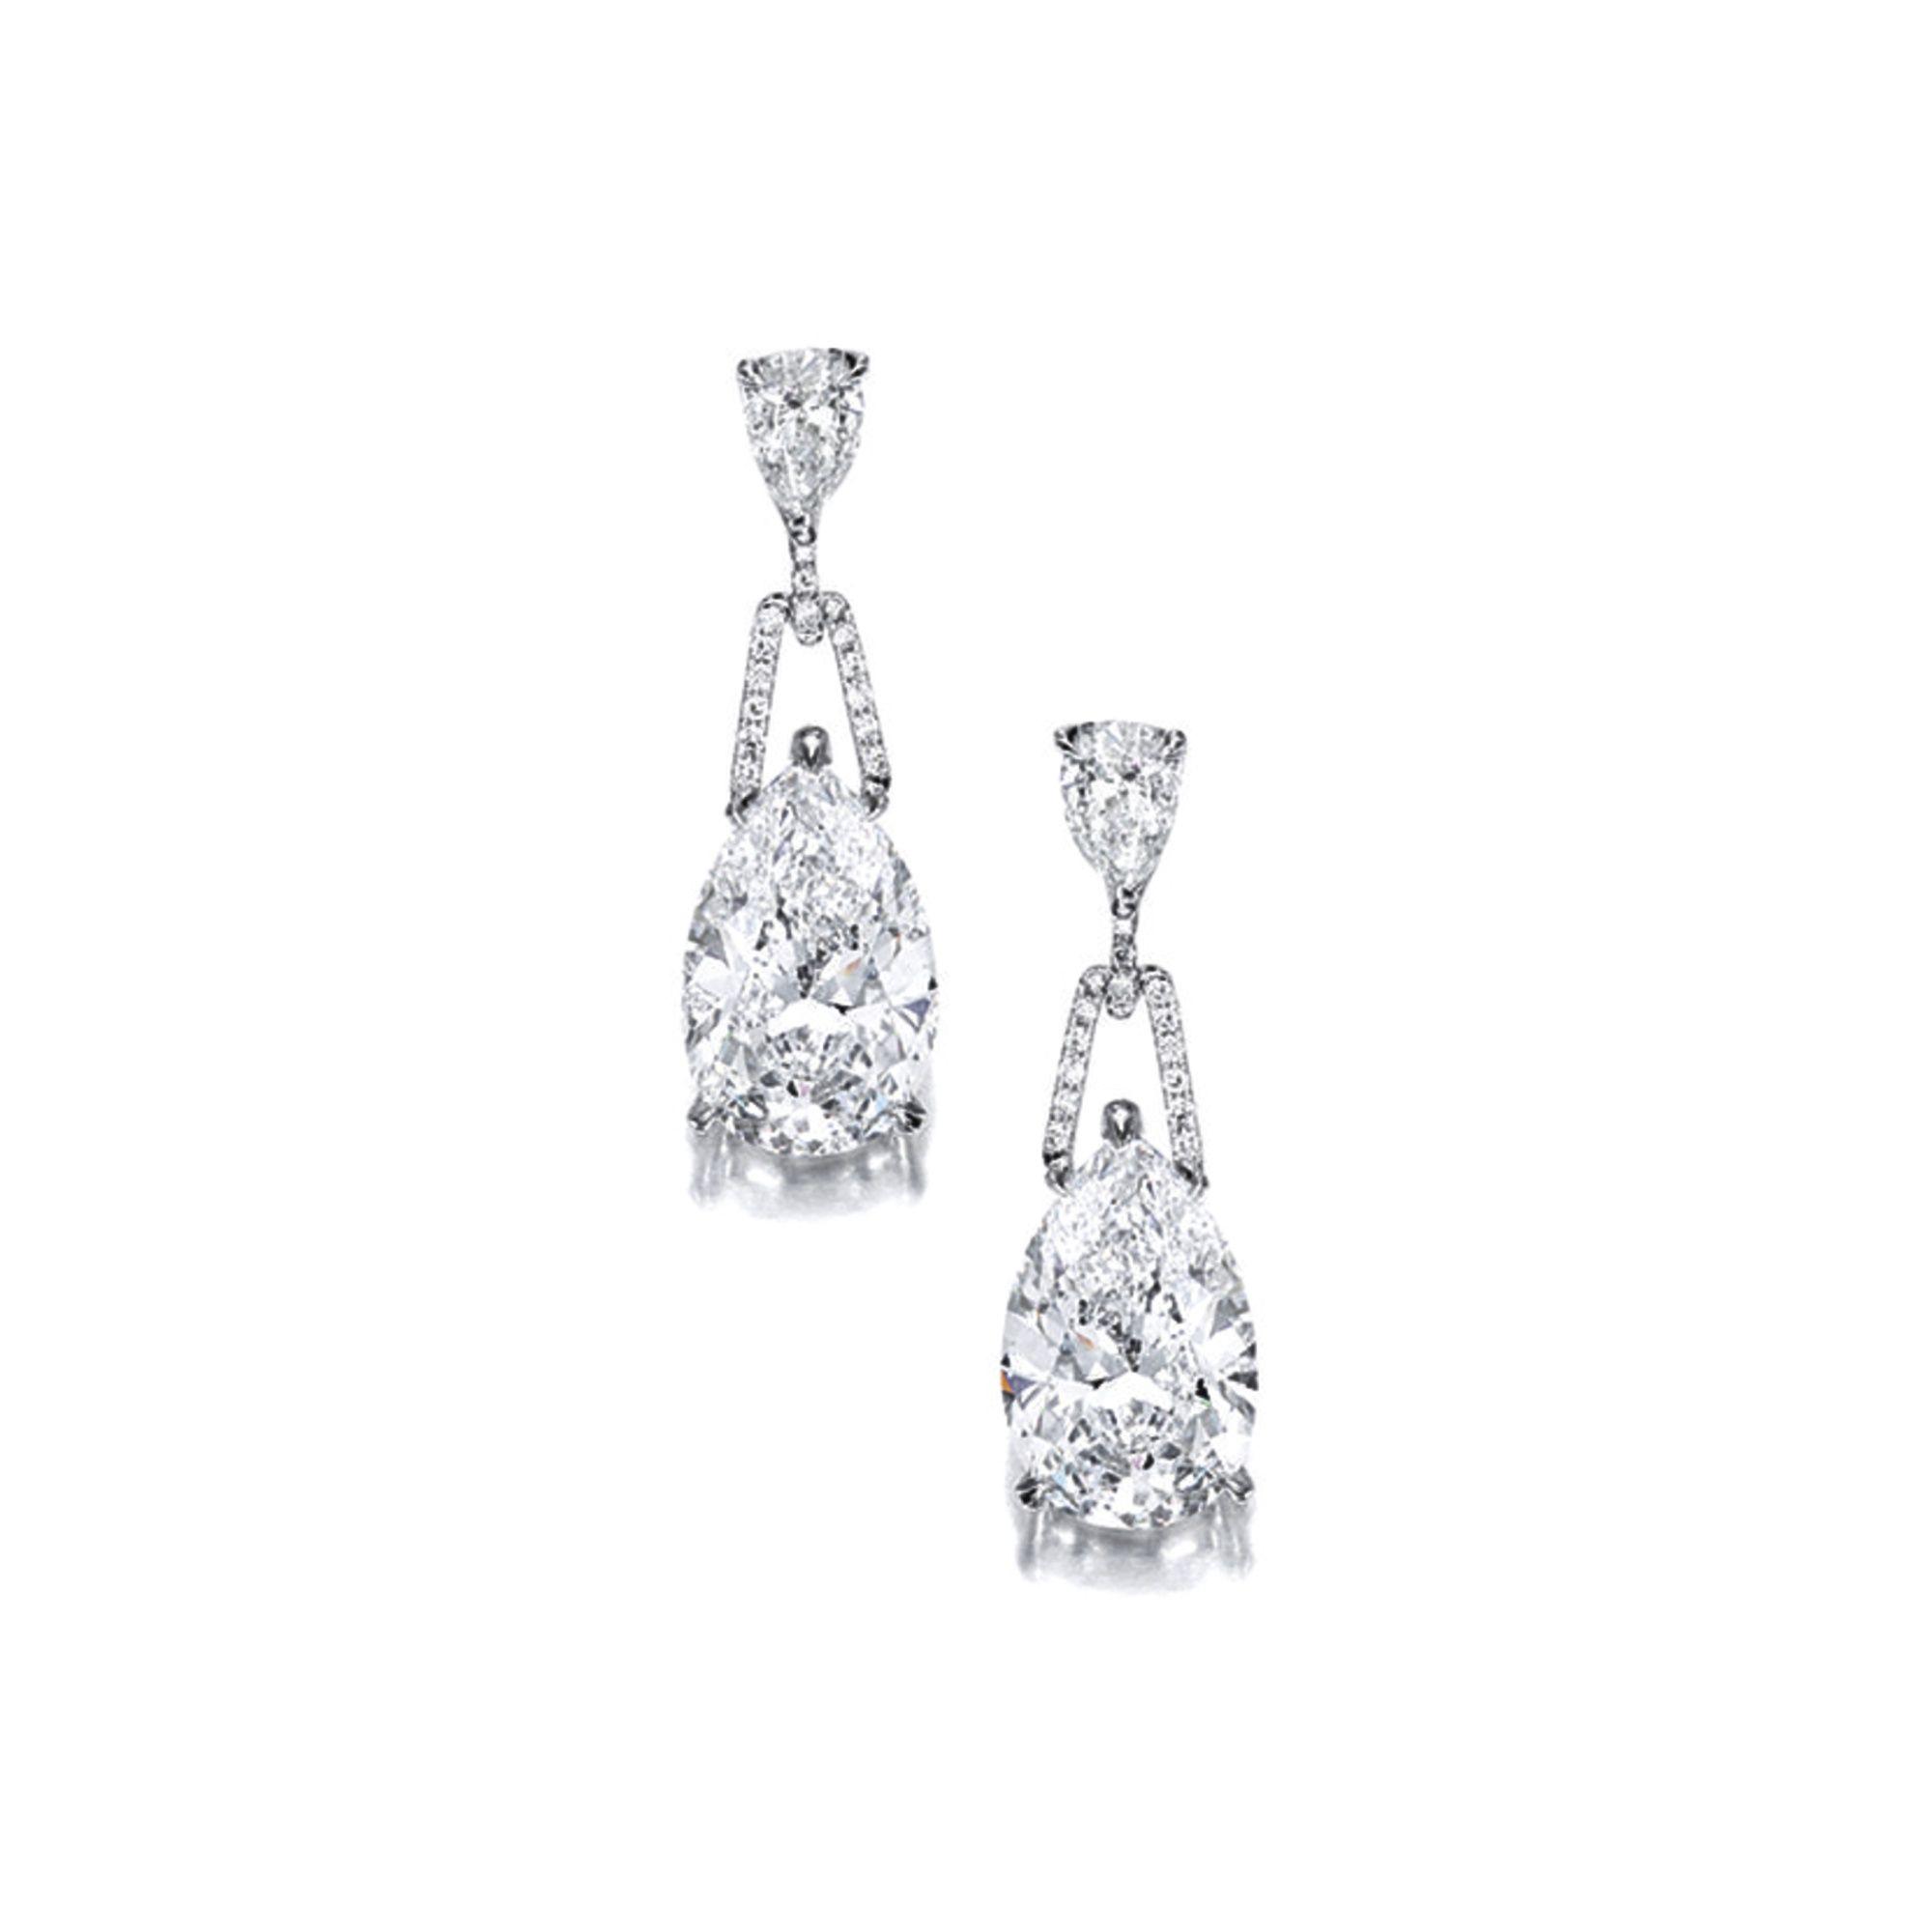 earrings   sotheby's hk0672lot96h8jen